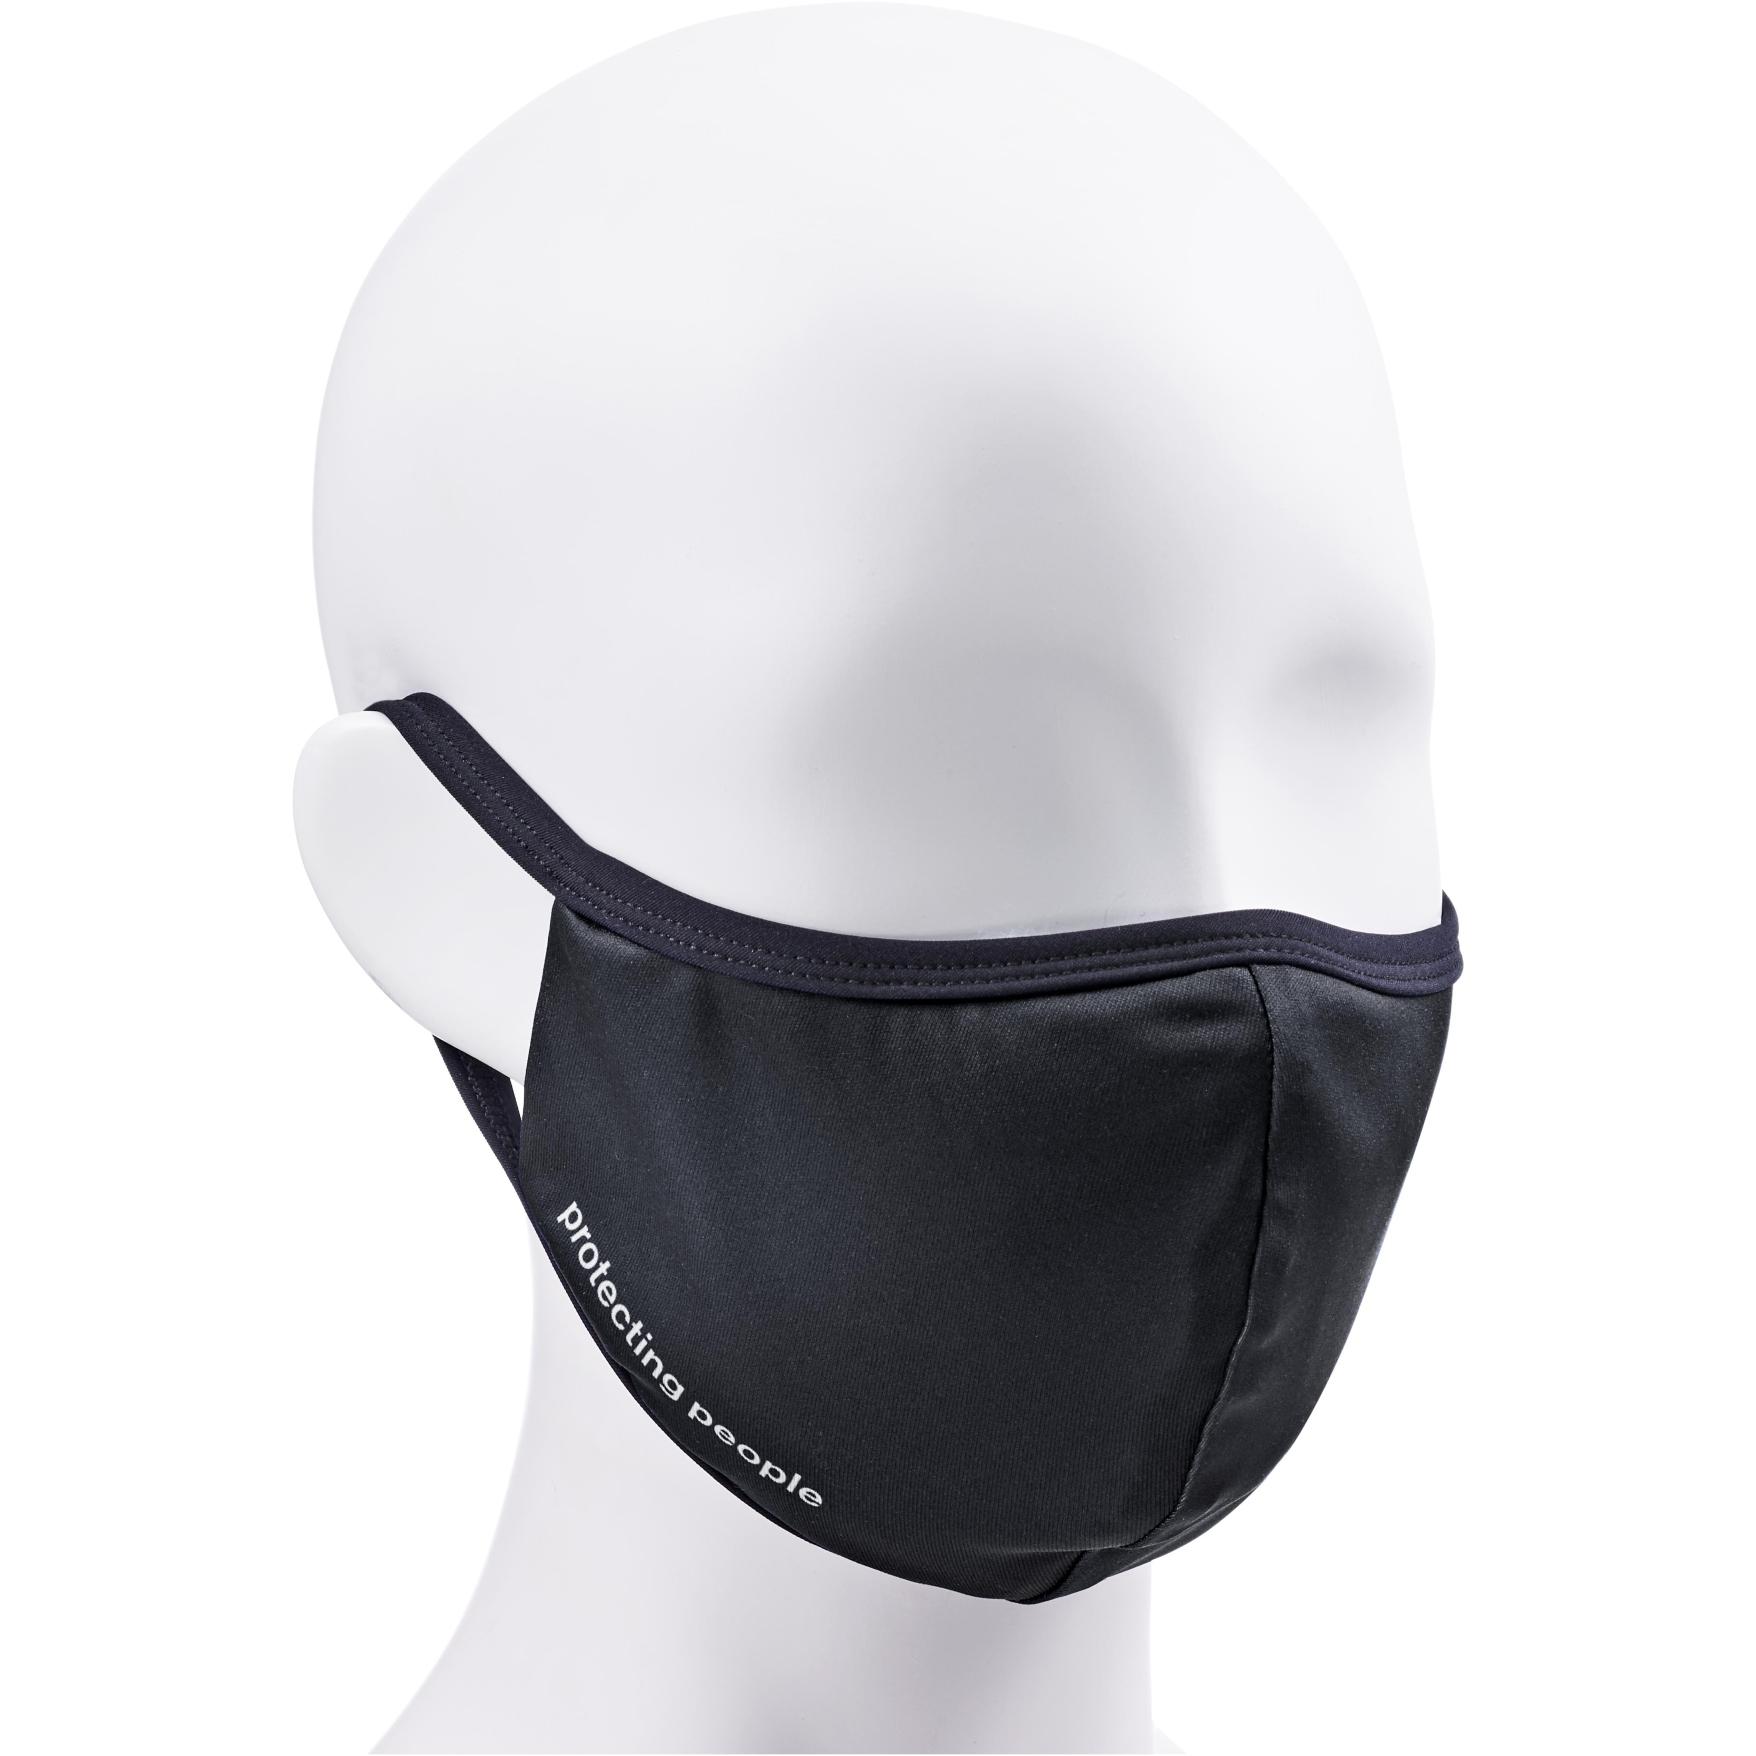 Image of Uvex Face Mask - black